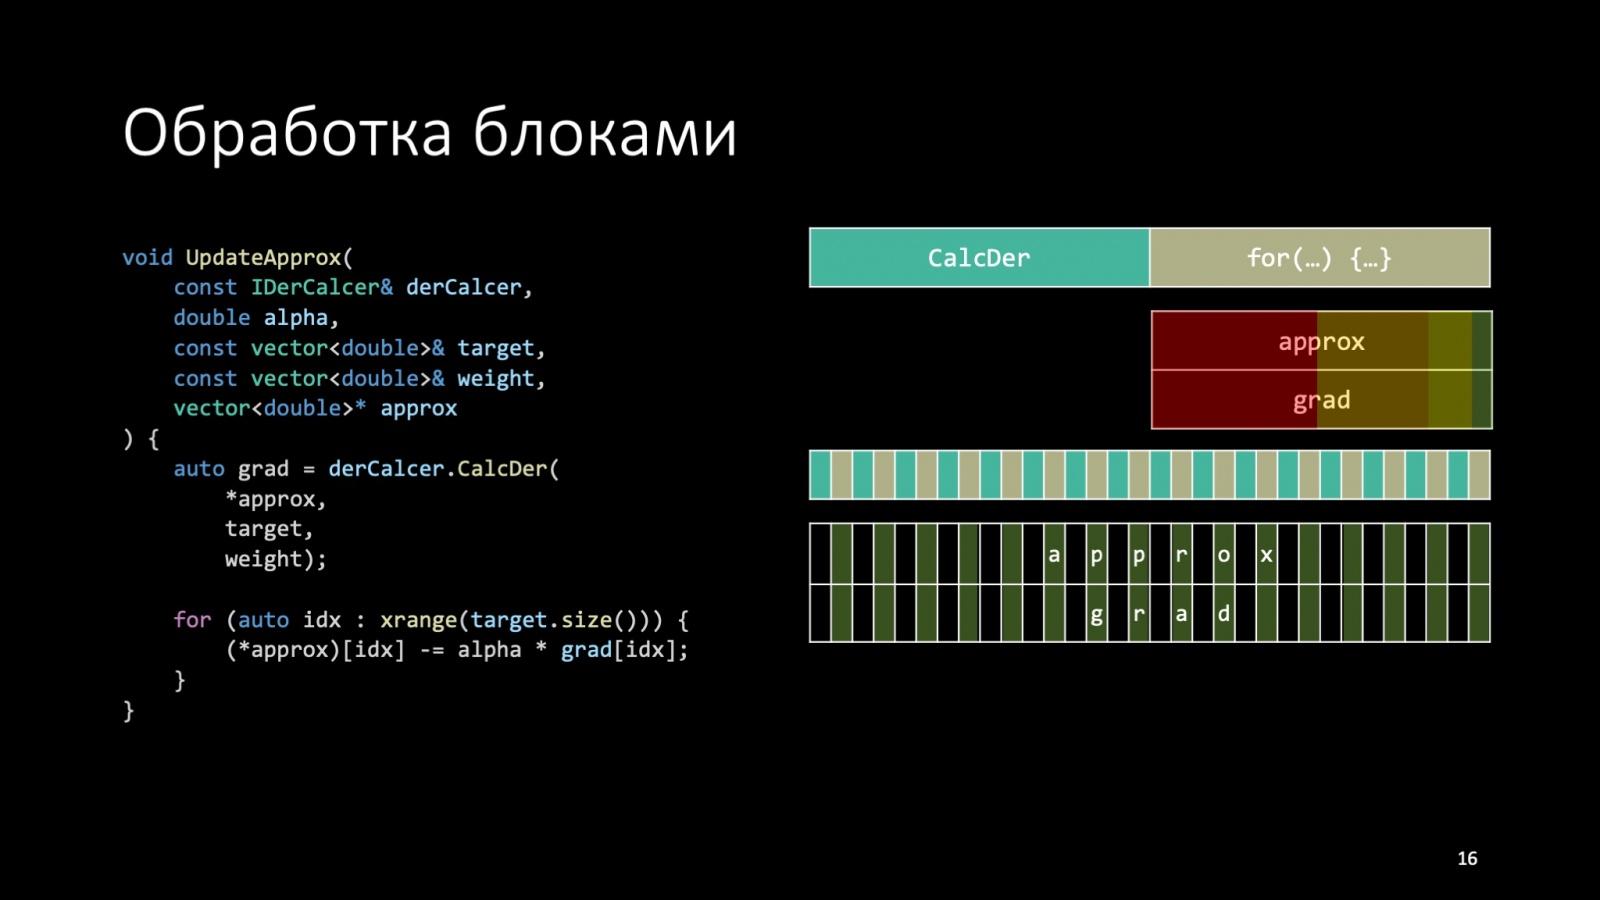 Оптимизация C++: совмещаем скорость и высокий уровень. Доклад Яндекса - 16